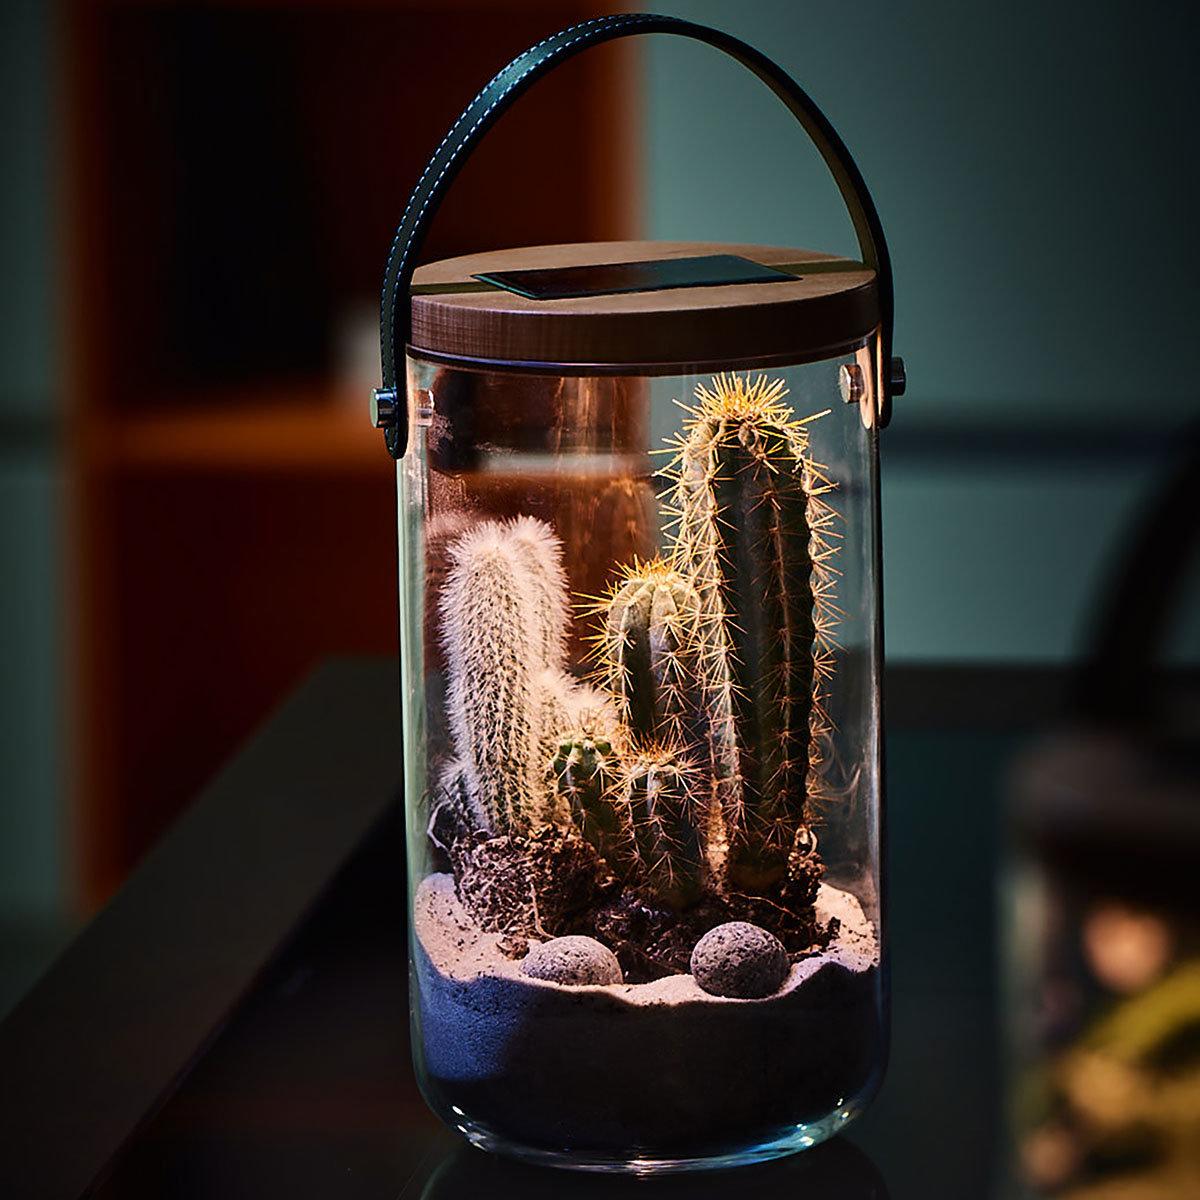 Deko Glas Long, 25,5 cm, Glas, Bambus, klar | #2